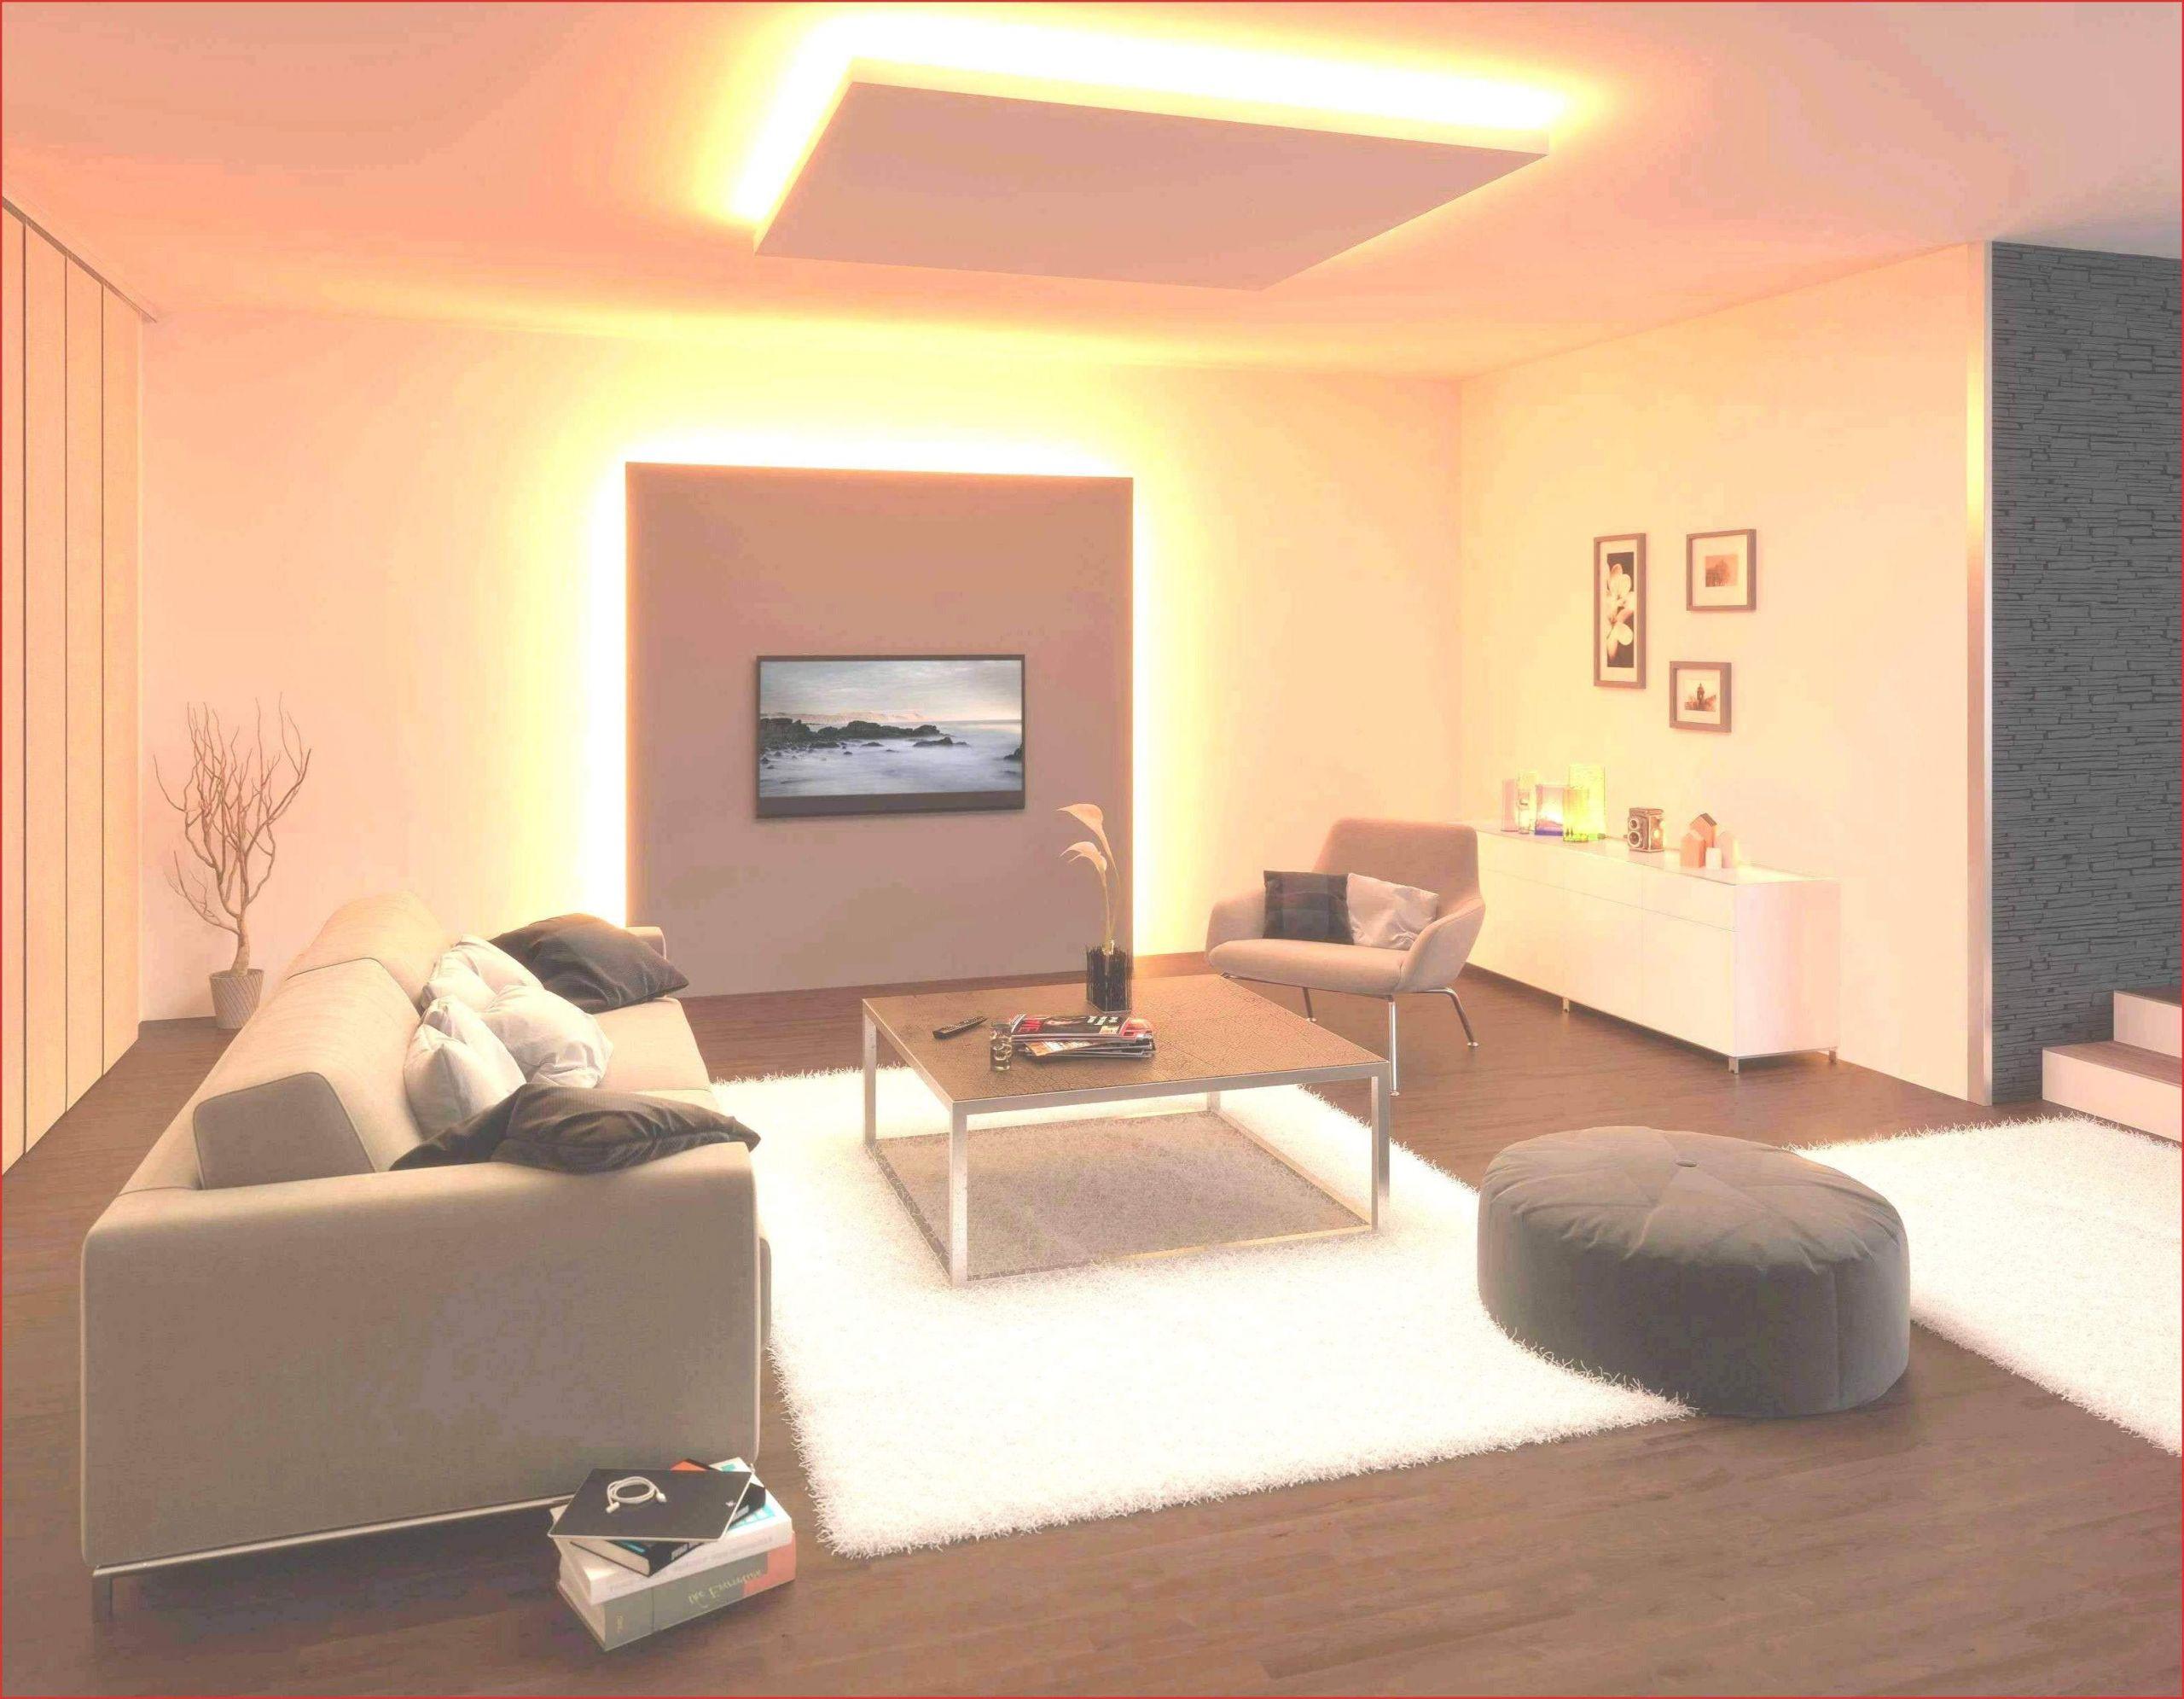 Full Size of Wohnzimmer Led Lampe Leuchten Genial Inspirierend Beleuchtung Landhausstil Stehlampe Bilder Xxl Deckenleuchten Stehleuchte Tischlampe Lampen Esstisch Wohnzimmer Wohnzimmer Led Lampe